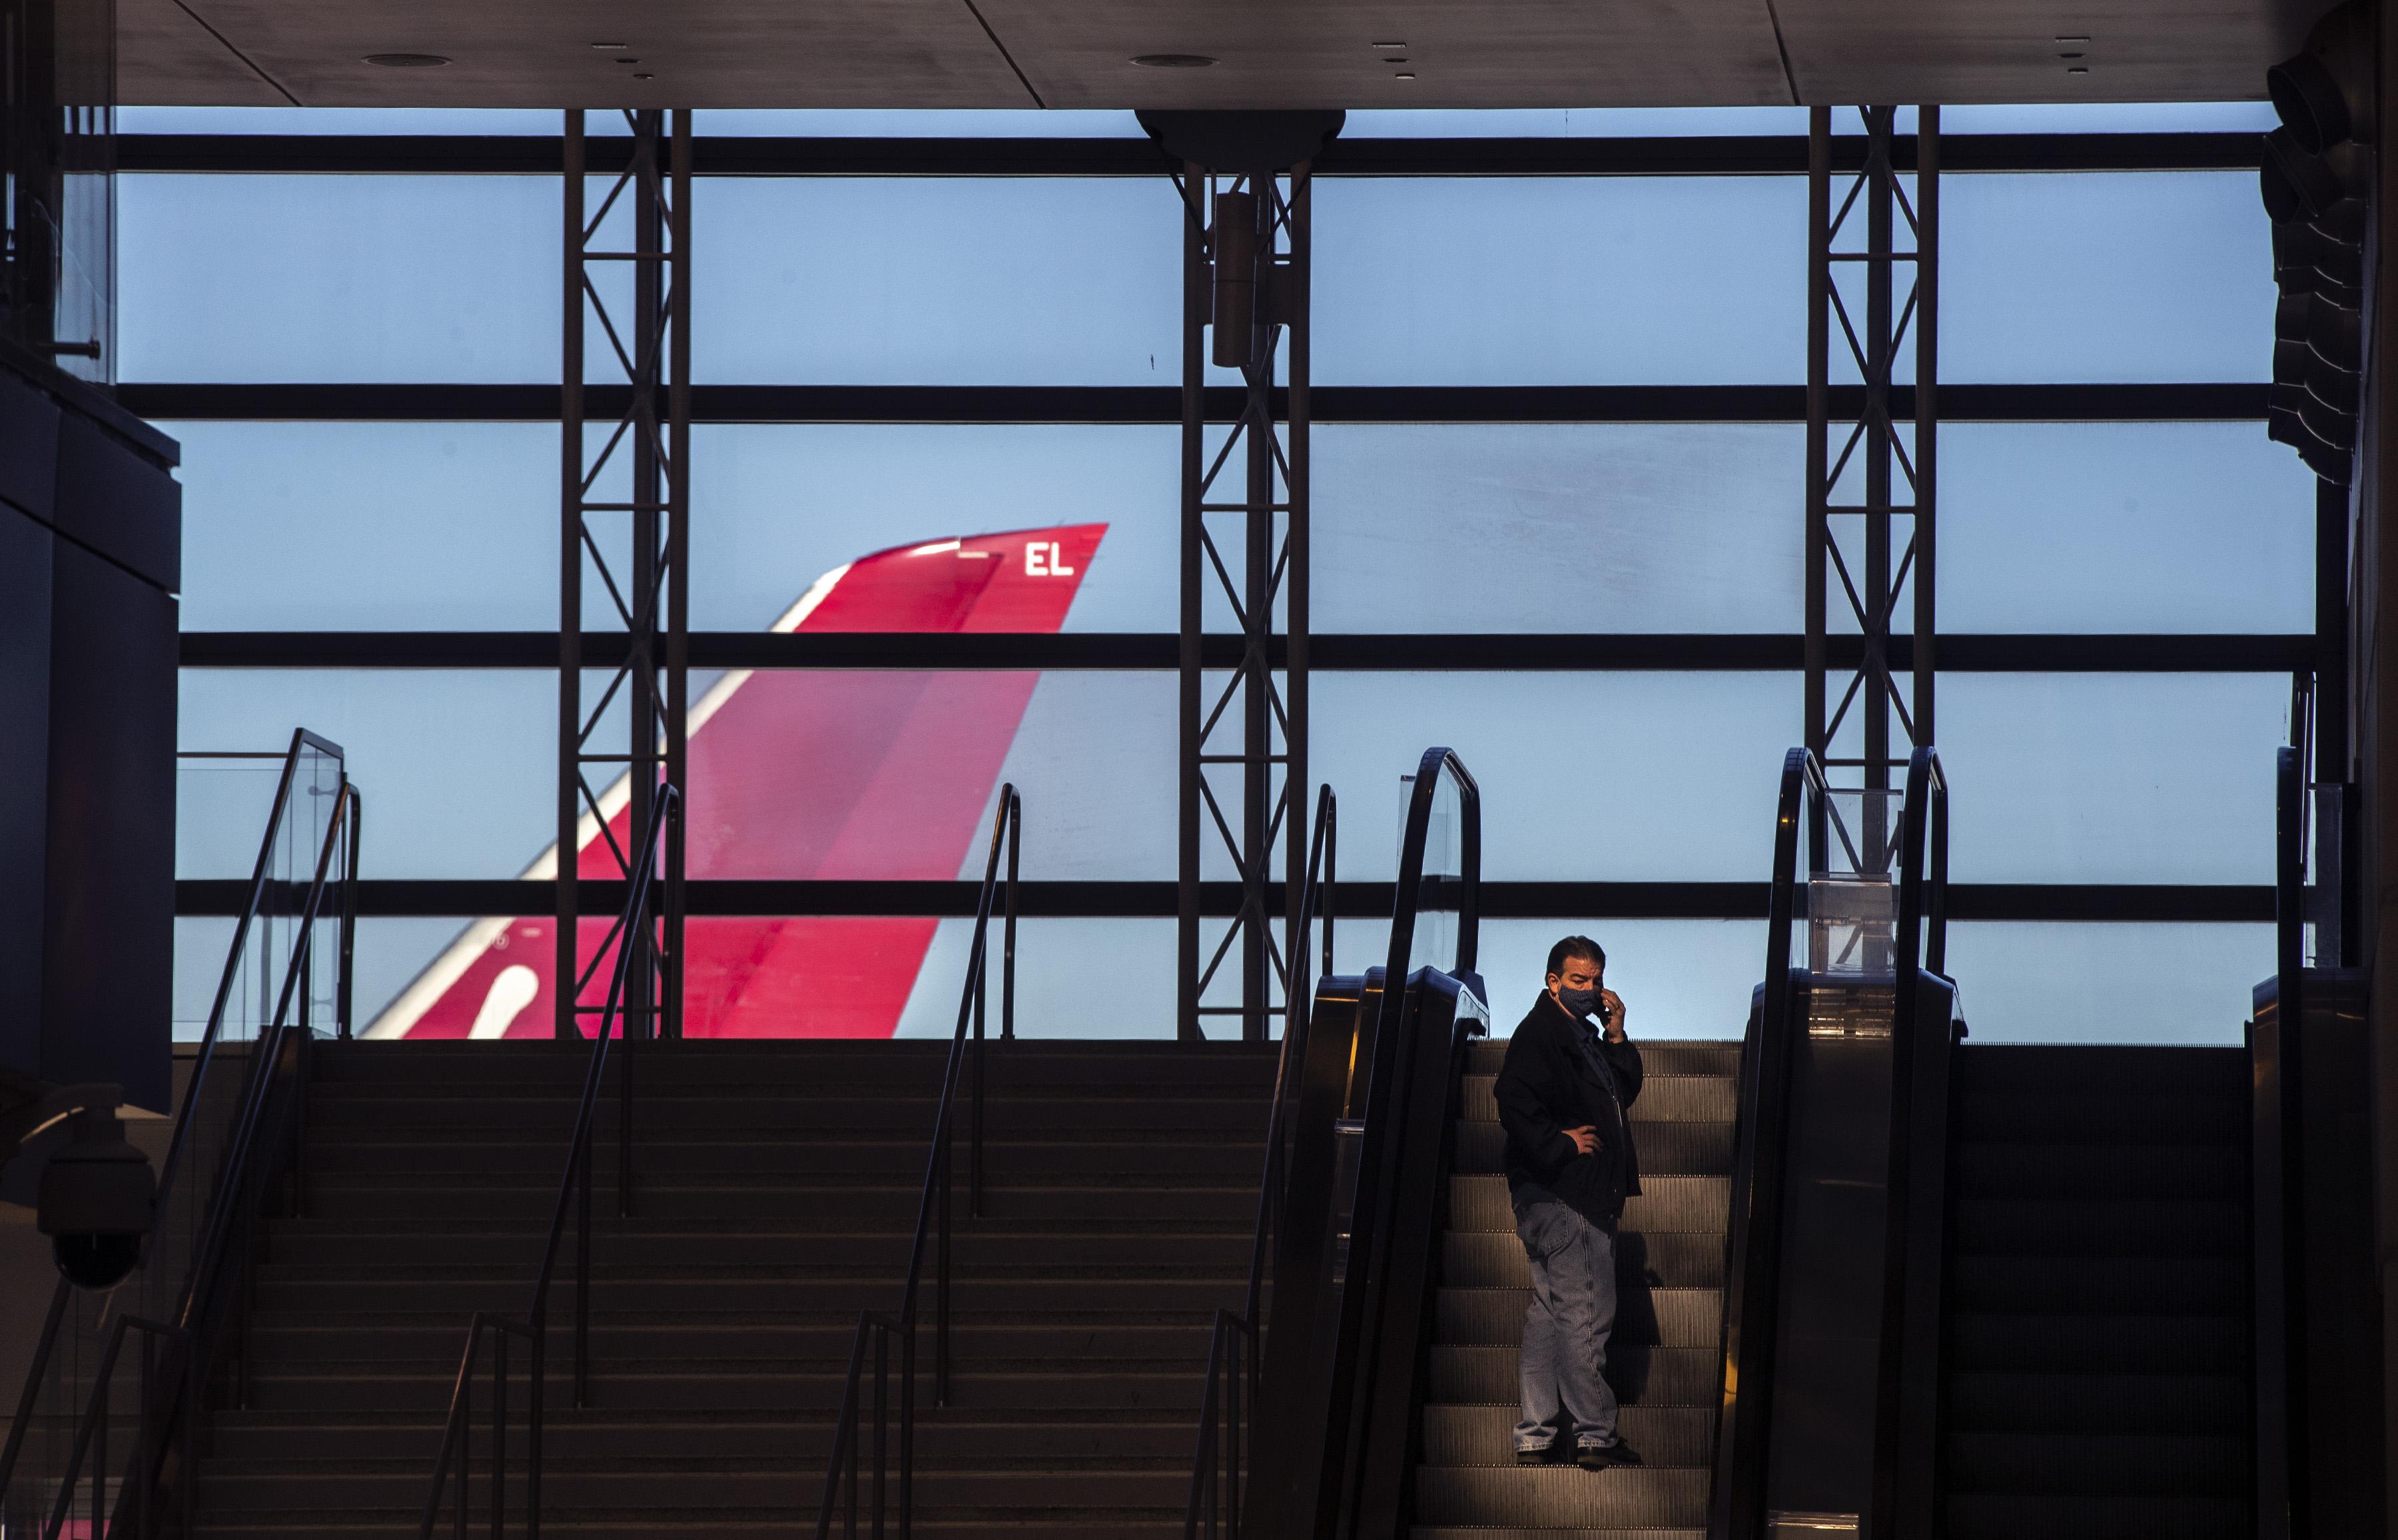 疫情期间美国机场内等候的人。人民视觉 资料图